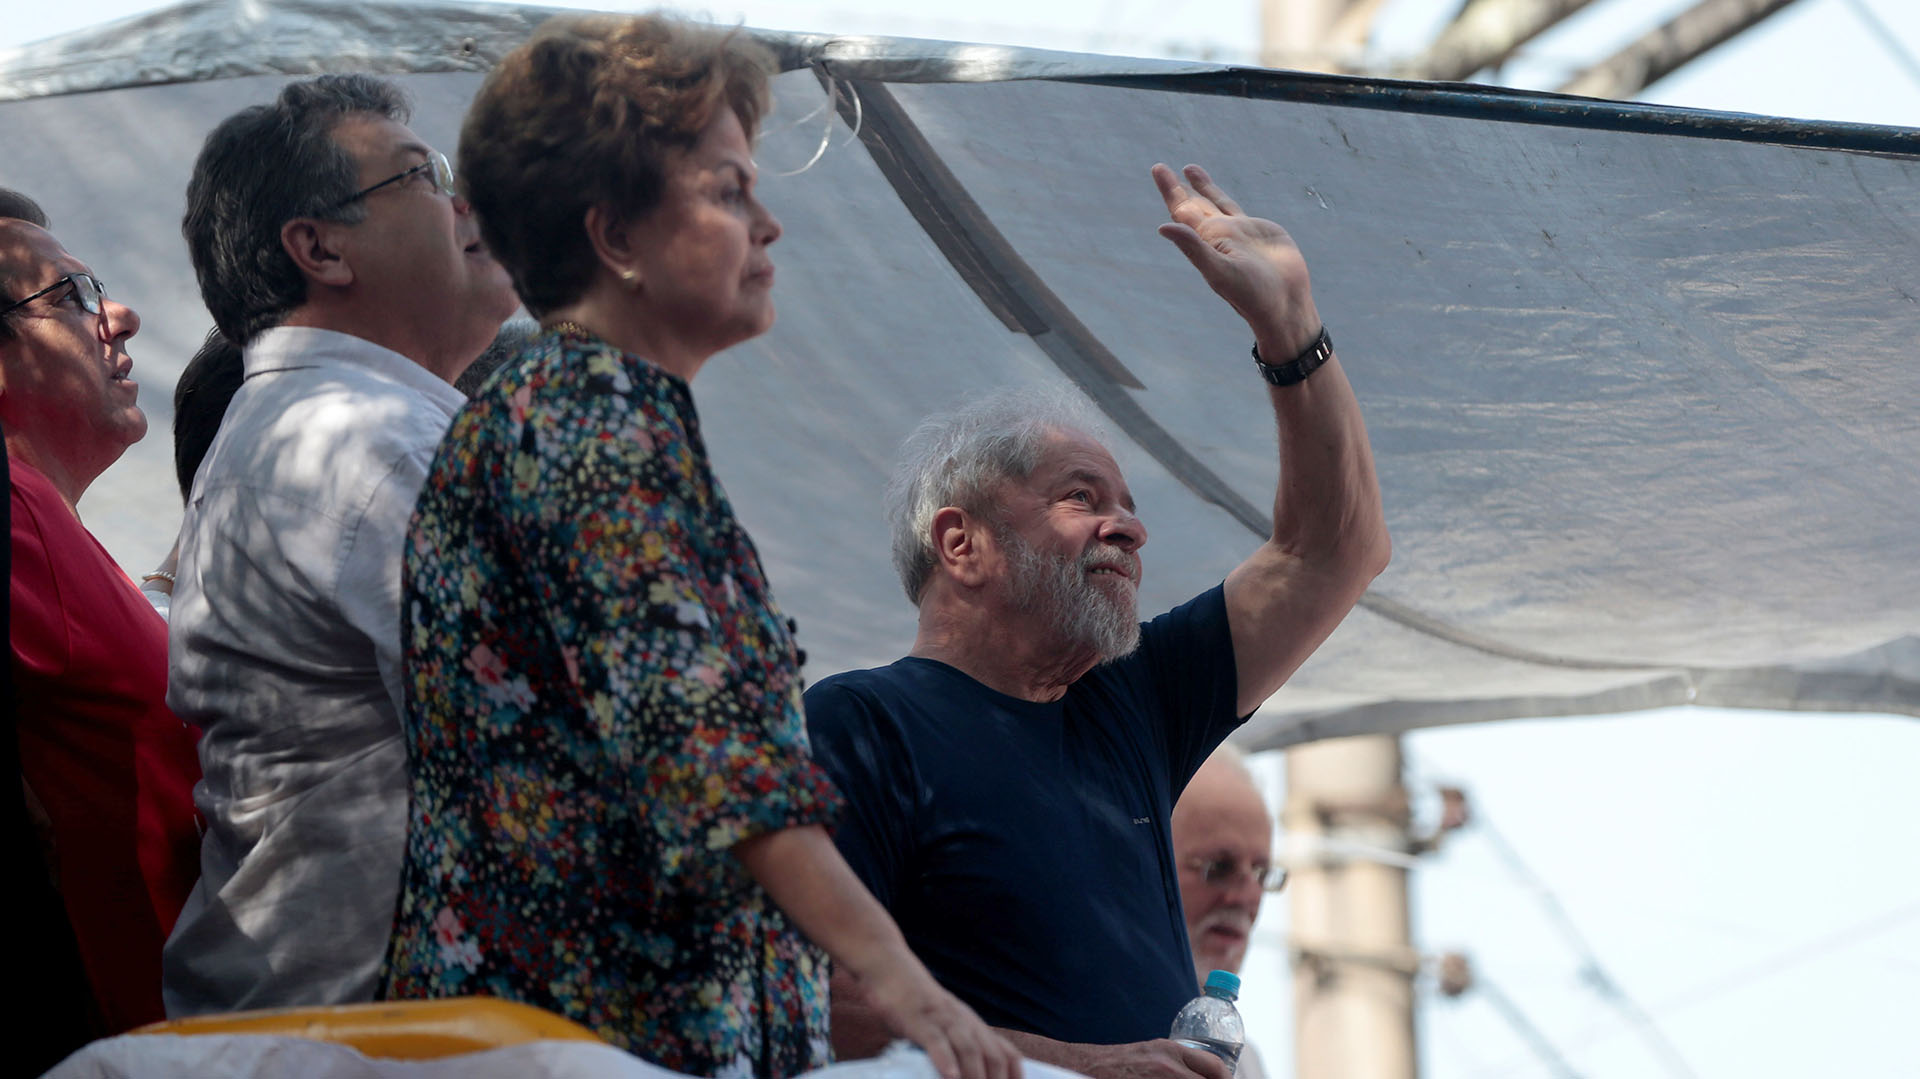 7 de abril de 2018. Pese a que el plazo de entrega voluntaria había expirado el viernes, las autoridades permitieron a Lula participar en una misa en honor a su fallecida esposa en el sitio donde estaba refugiado. (REUTERS/Leonardo Benassatto)